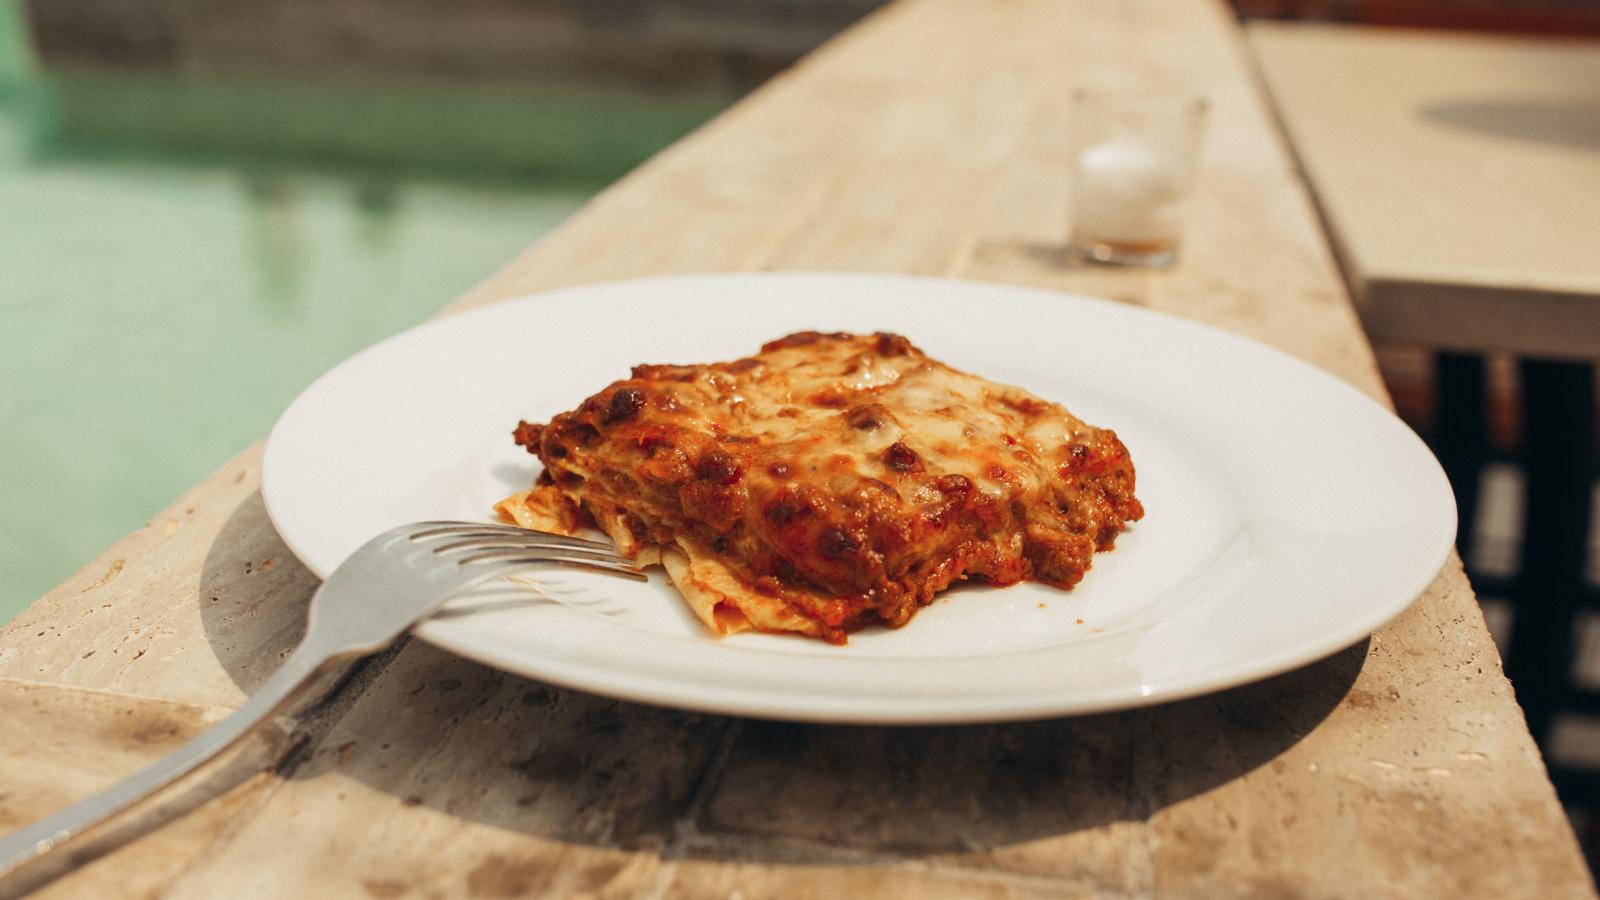 House-Made Lasagna at Mulino. Photography by Jamie Robbins.